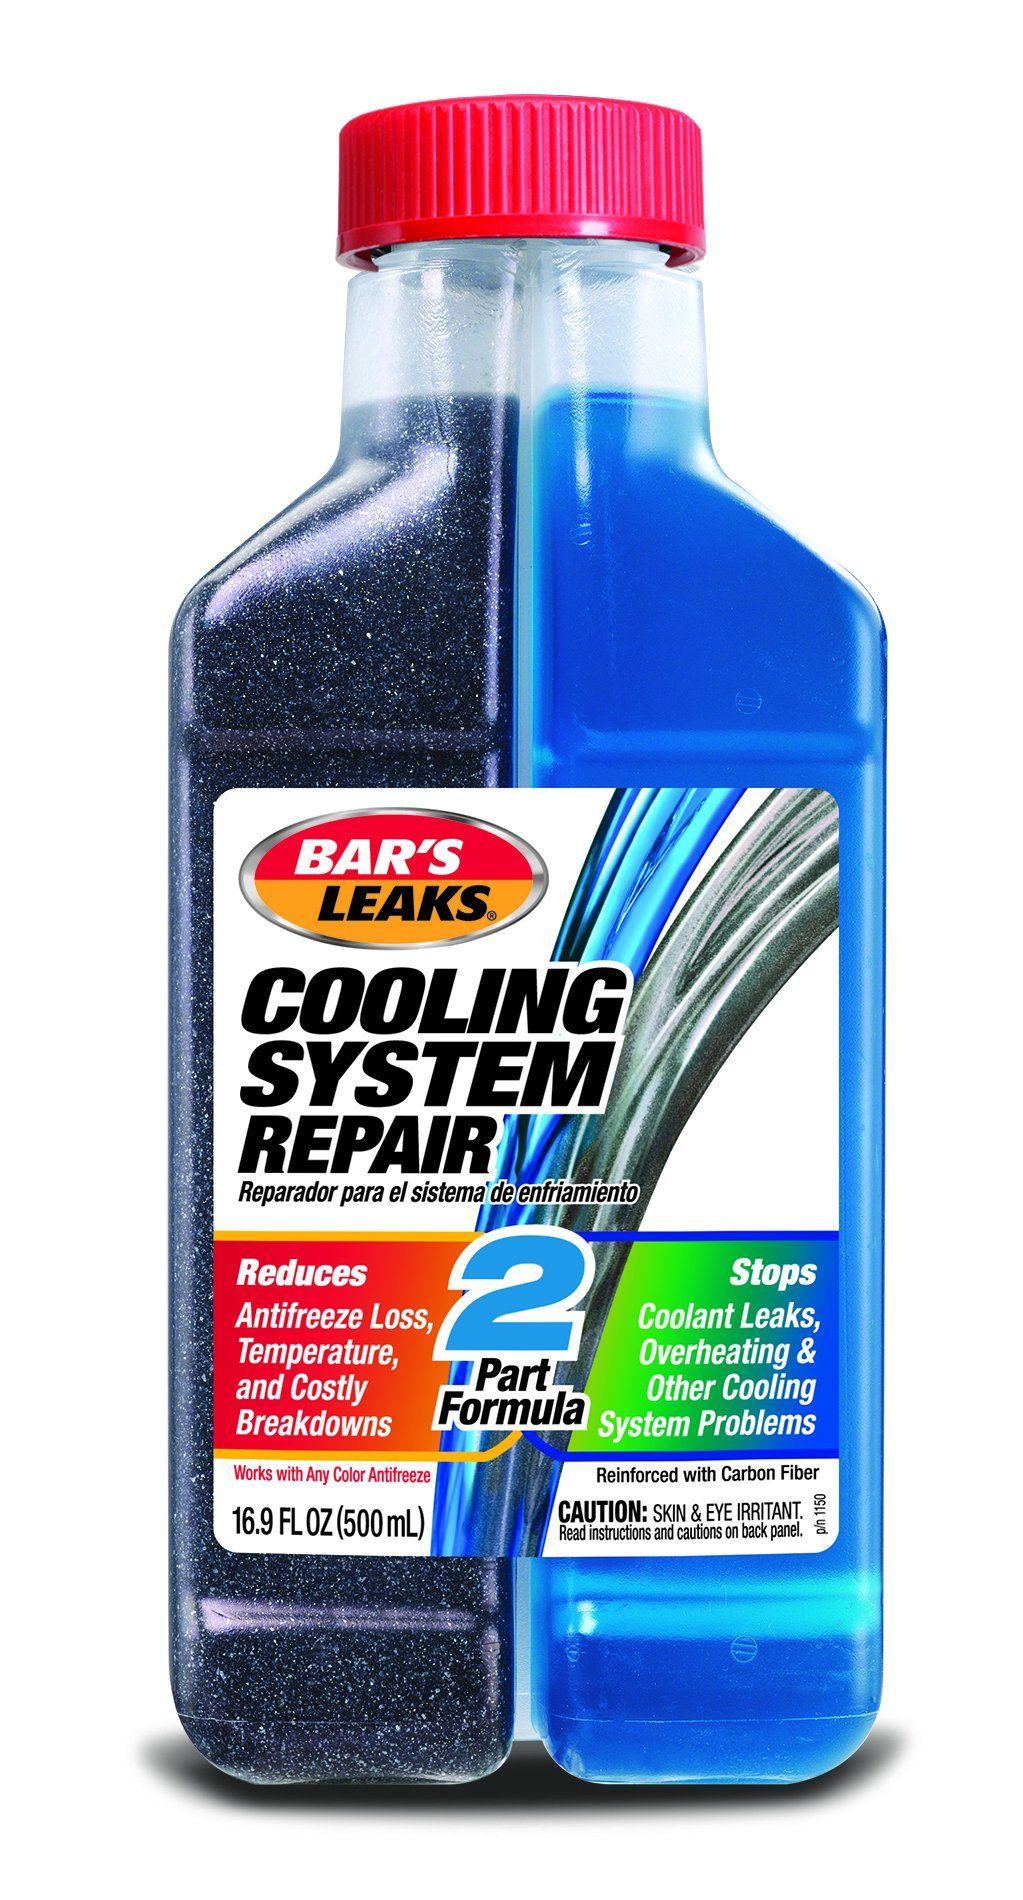 Bars Leaks 11504pk Cooling System Repair 16 9 Oz Pack Of 4